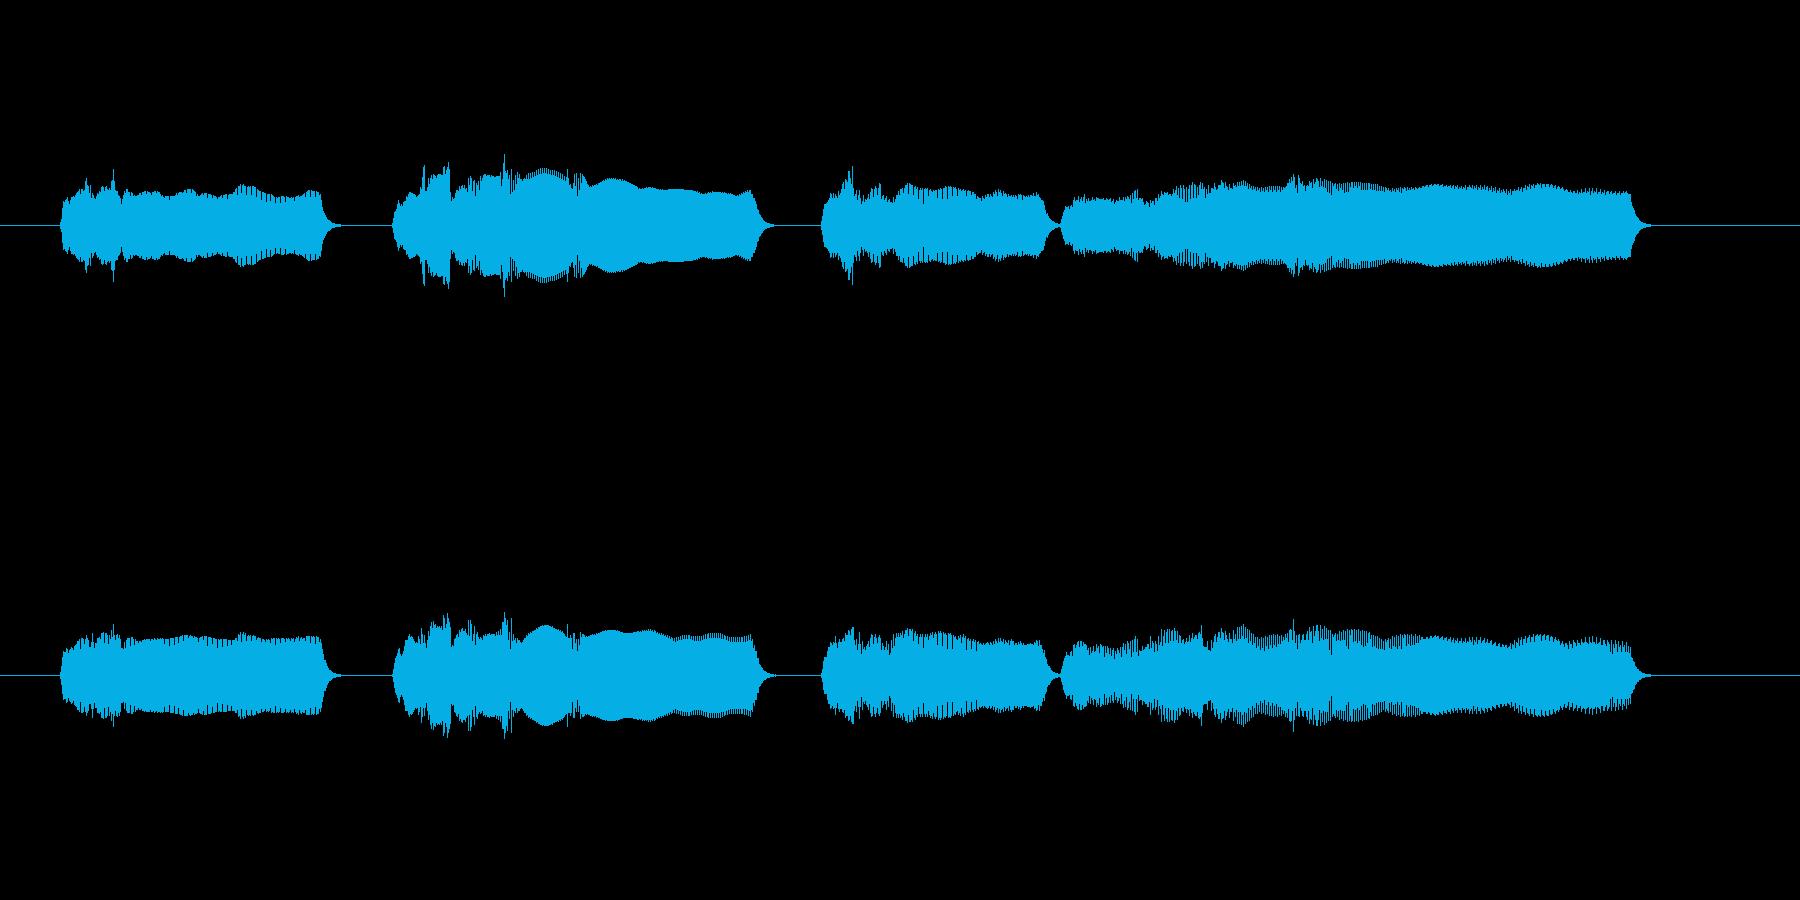 定番大変なメロディの再生済みの波形